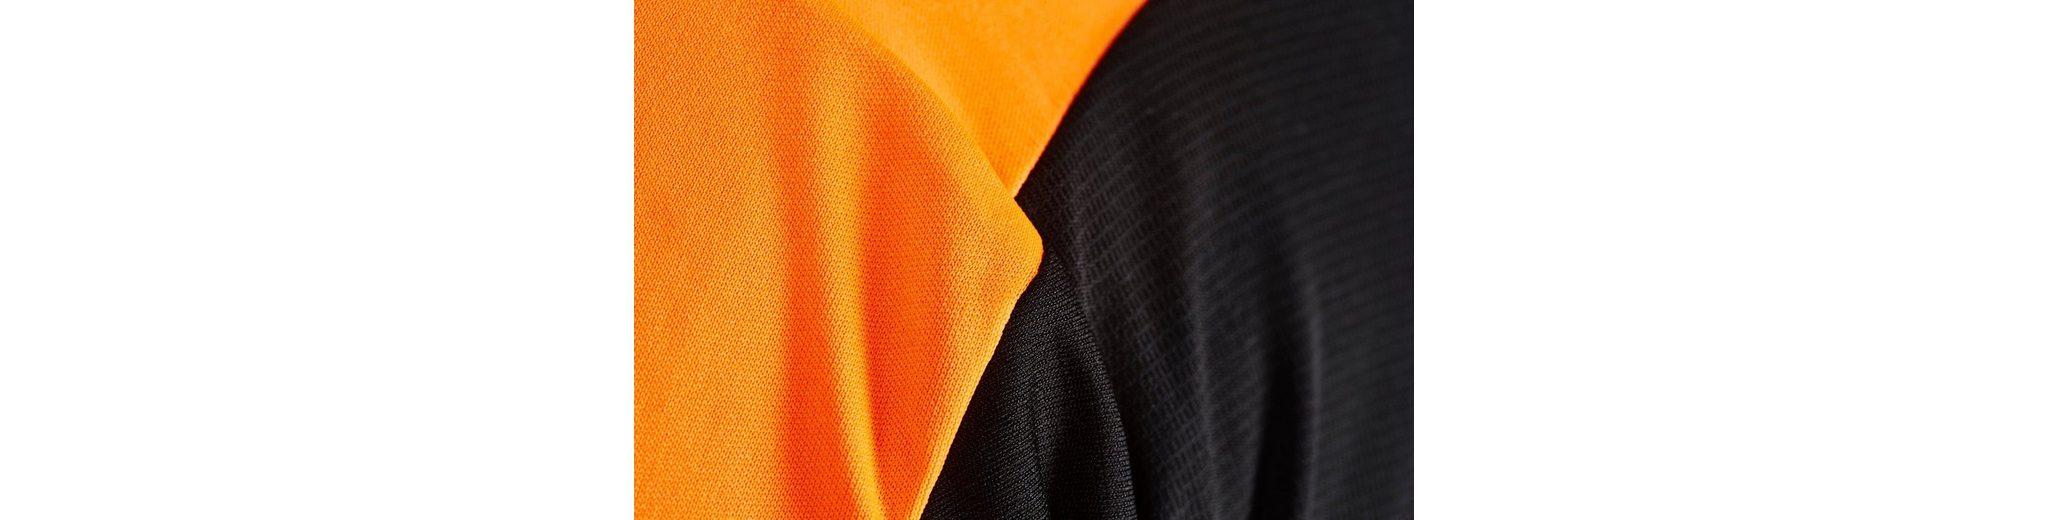 Erkunden Craft T-Shirt Balance Jersey Men Auf Dem Laufenden jbqpUwLtM7